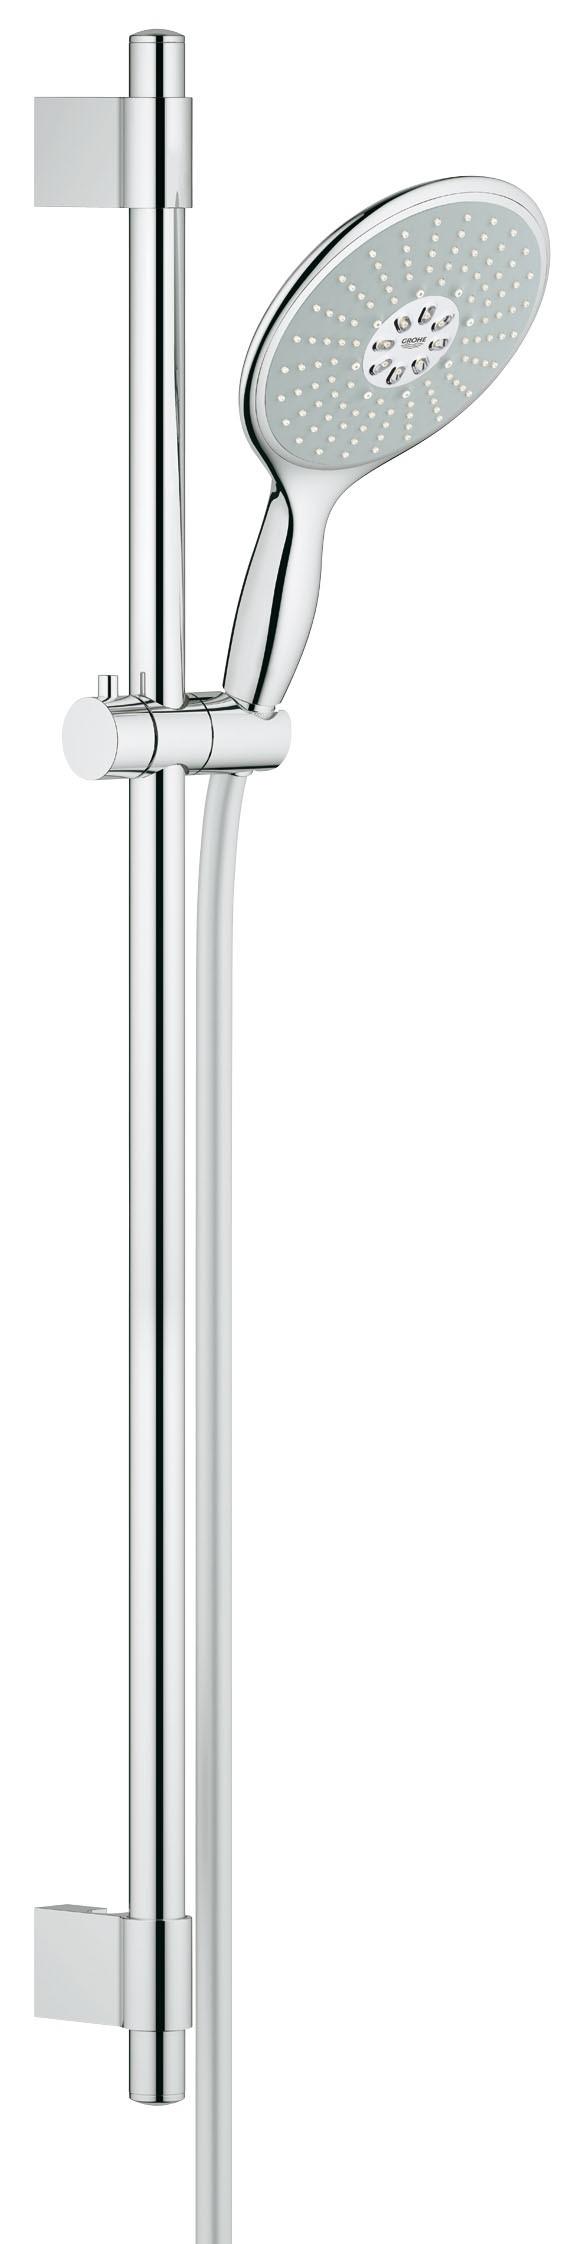 Душевой гарнитур Grohe 27750000 Power&Soul 160 (ручной душ, штанга 900 мм, шланг 1750 мм) с ограничением расхода воды, хром